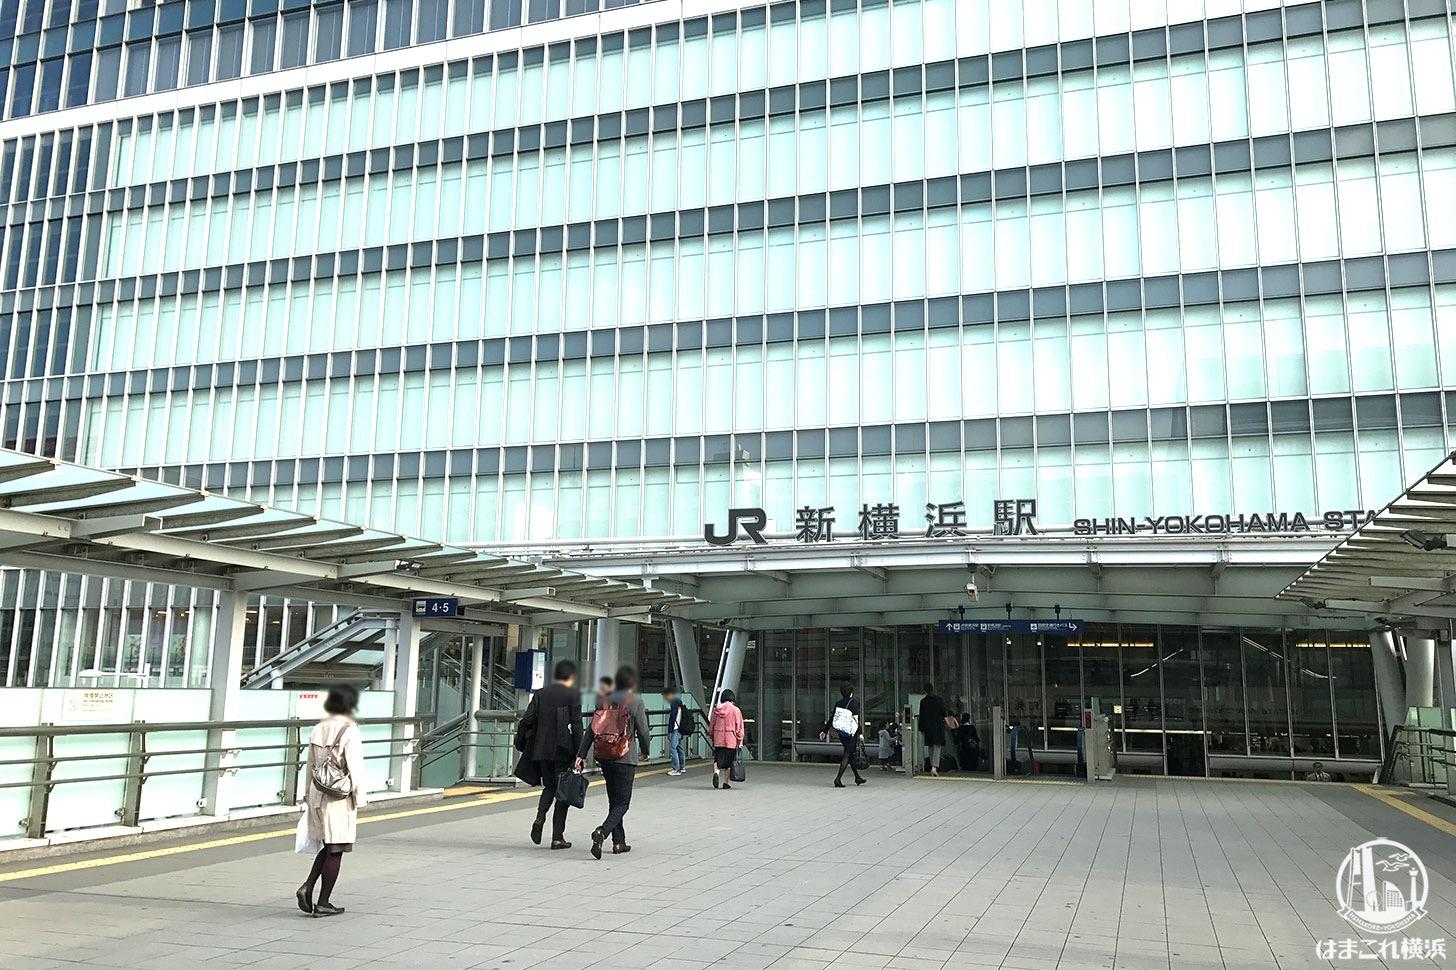 アド 街 新横浜